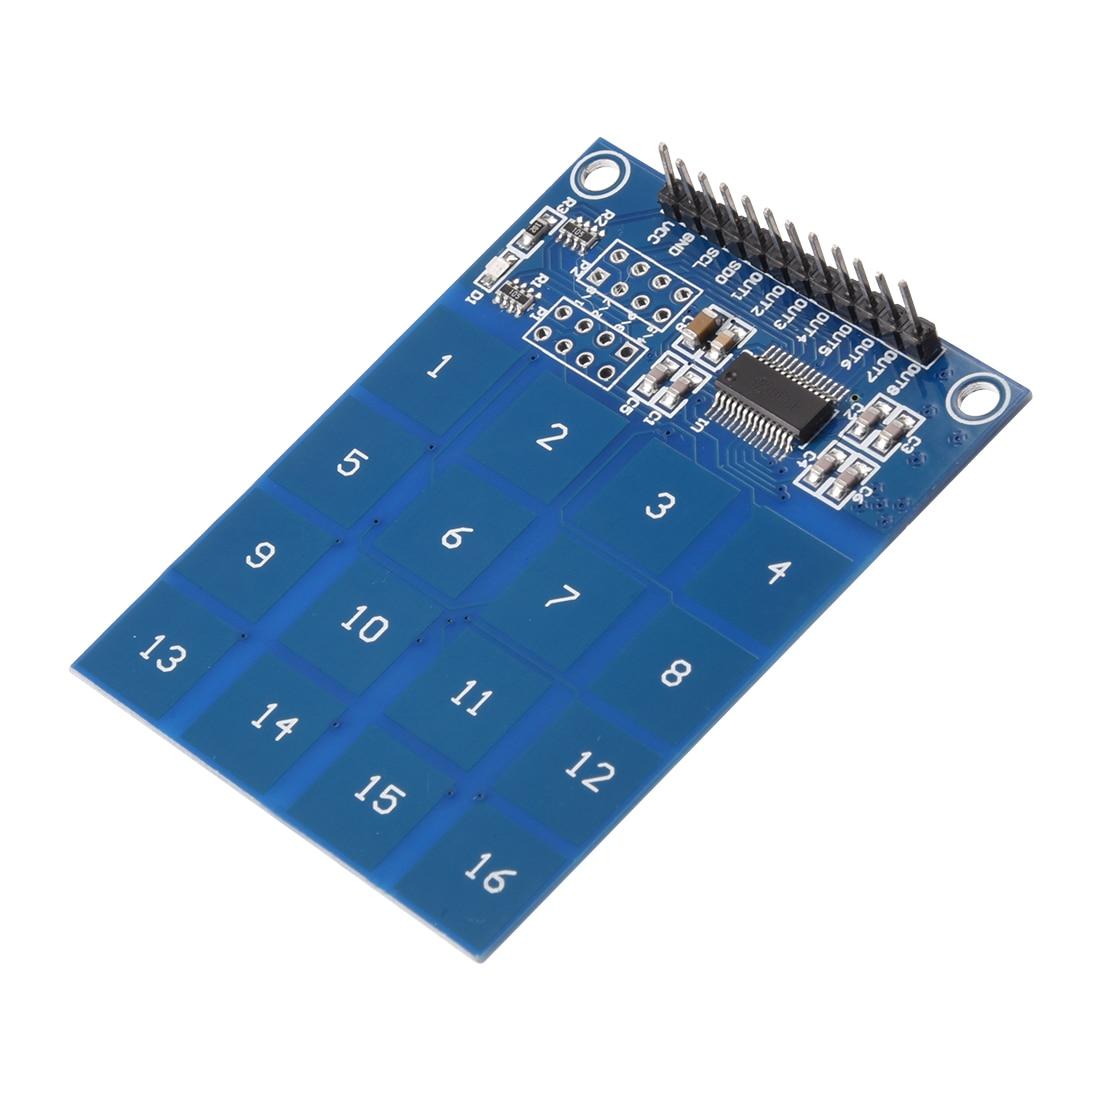 Uxcell 16-Key kapasitif dokunmatik sensör yüzey modülü TTP229B Arduino için